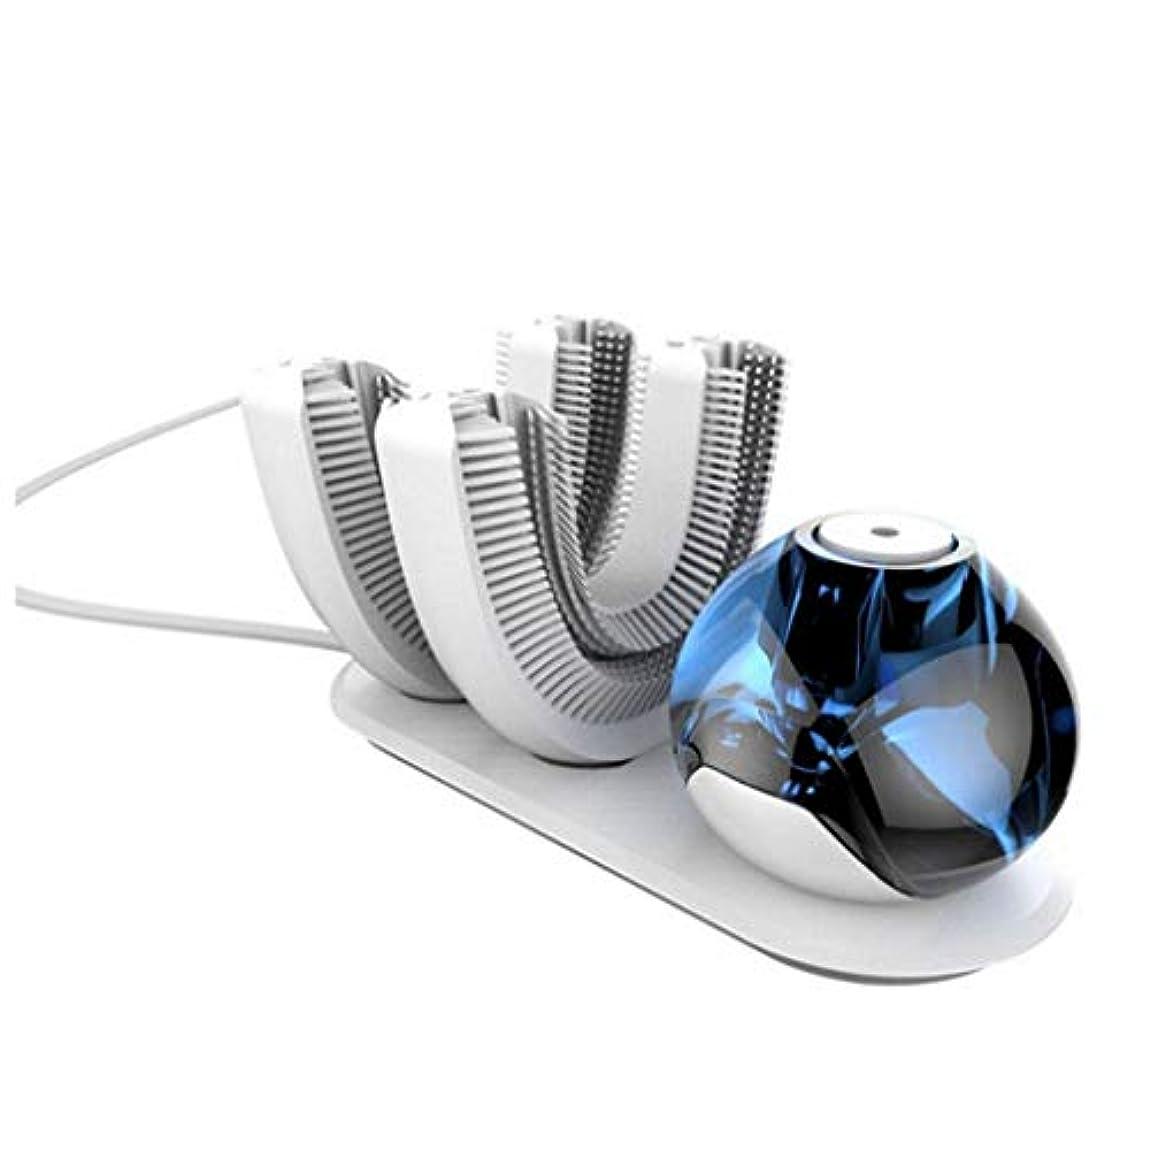 価値のないログキルスHETAO クリエイティブ自動歯ブラシ、怠惰な、自動歯ブラシ電動歯ブラシワイヤレス充電式360°、歯ブラシヘッドのうちの2つは、白歯ブラシの歯に設計されています 白